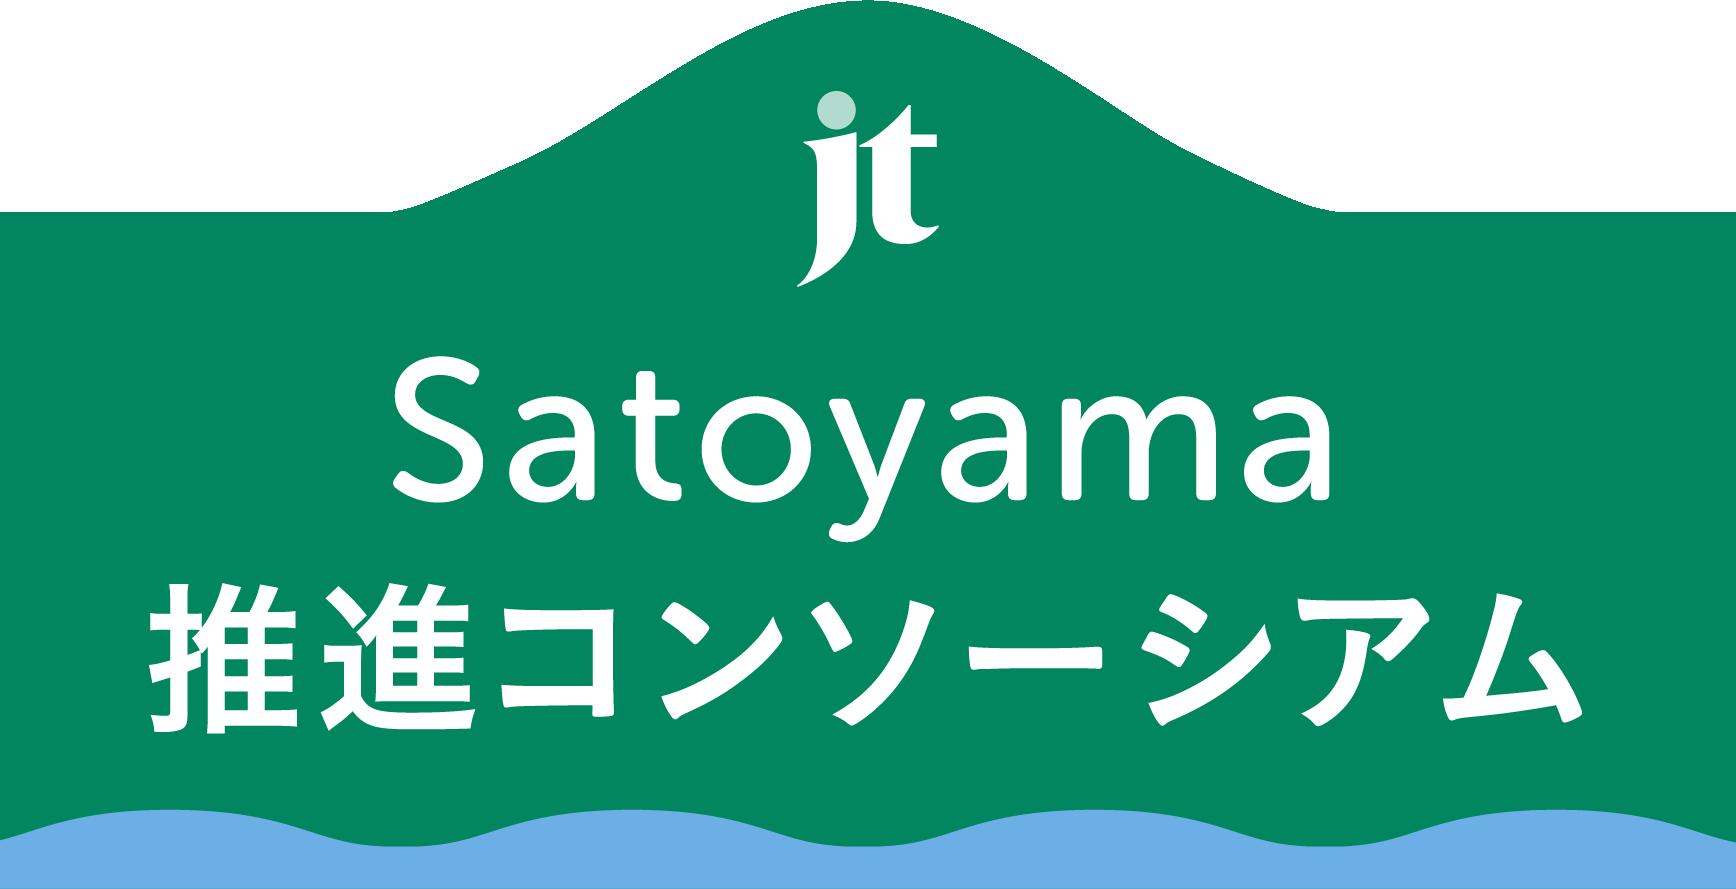 Japan Times Satoyama 推進コンソーシアムとシェアリング エコノミー協会が情報発信を強化するための連携協定を締結